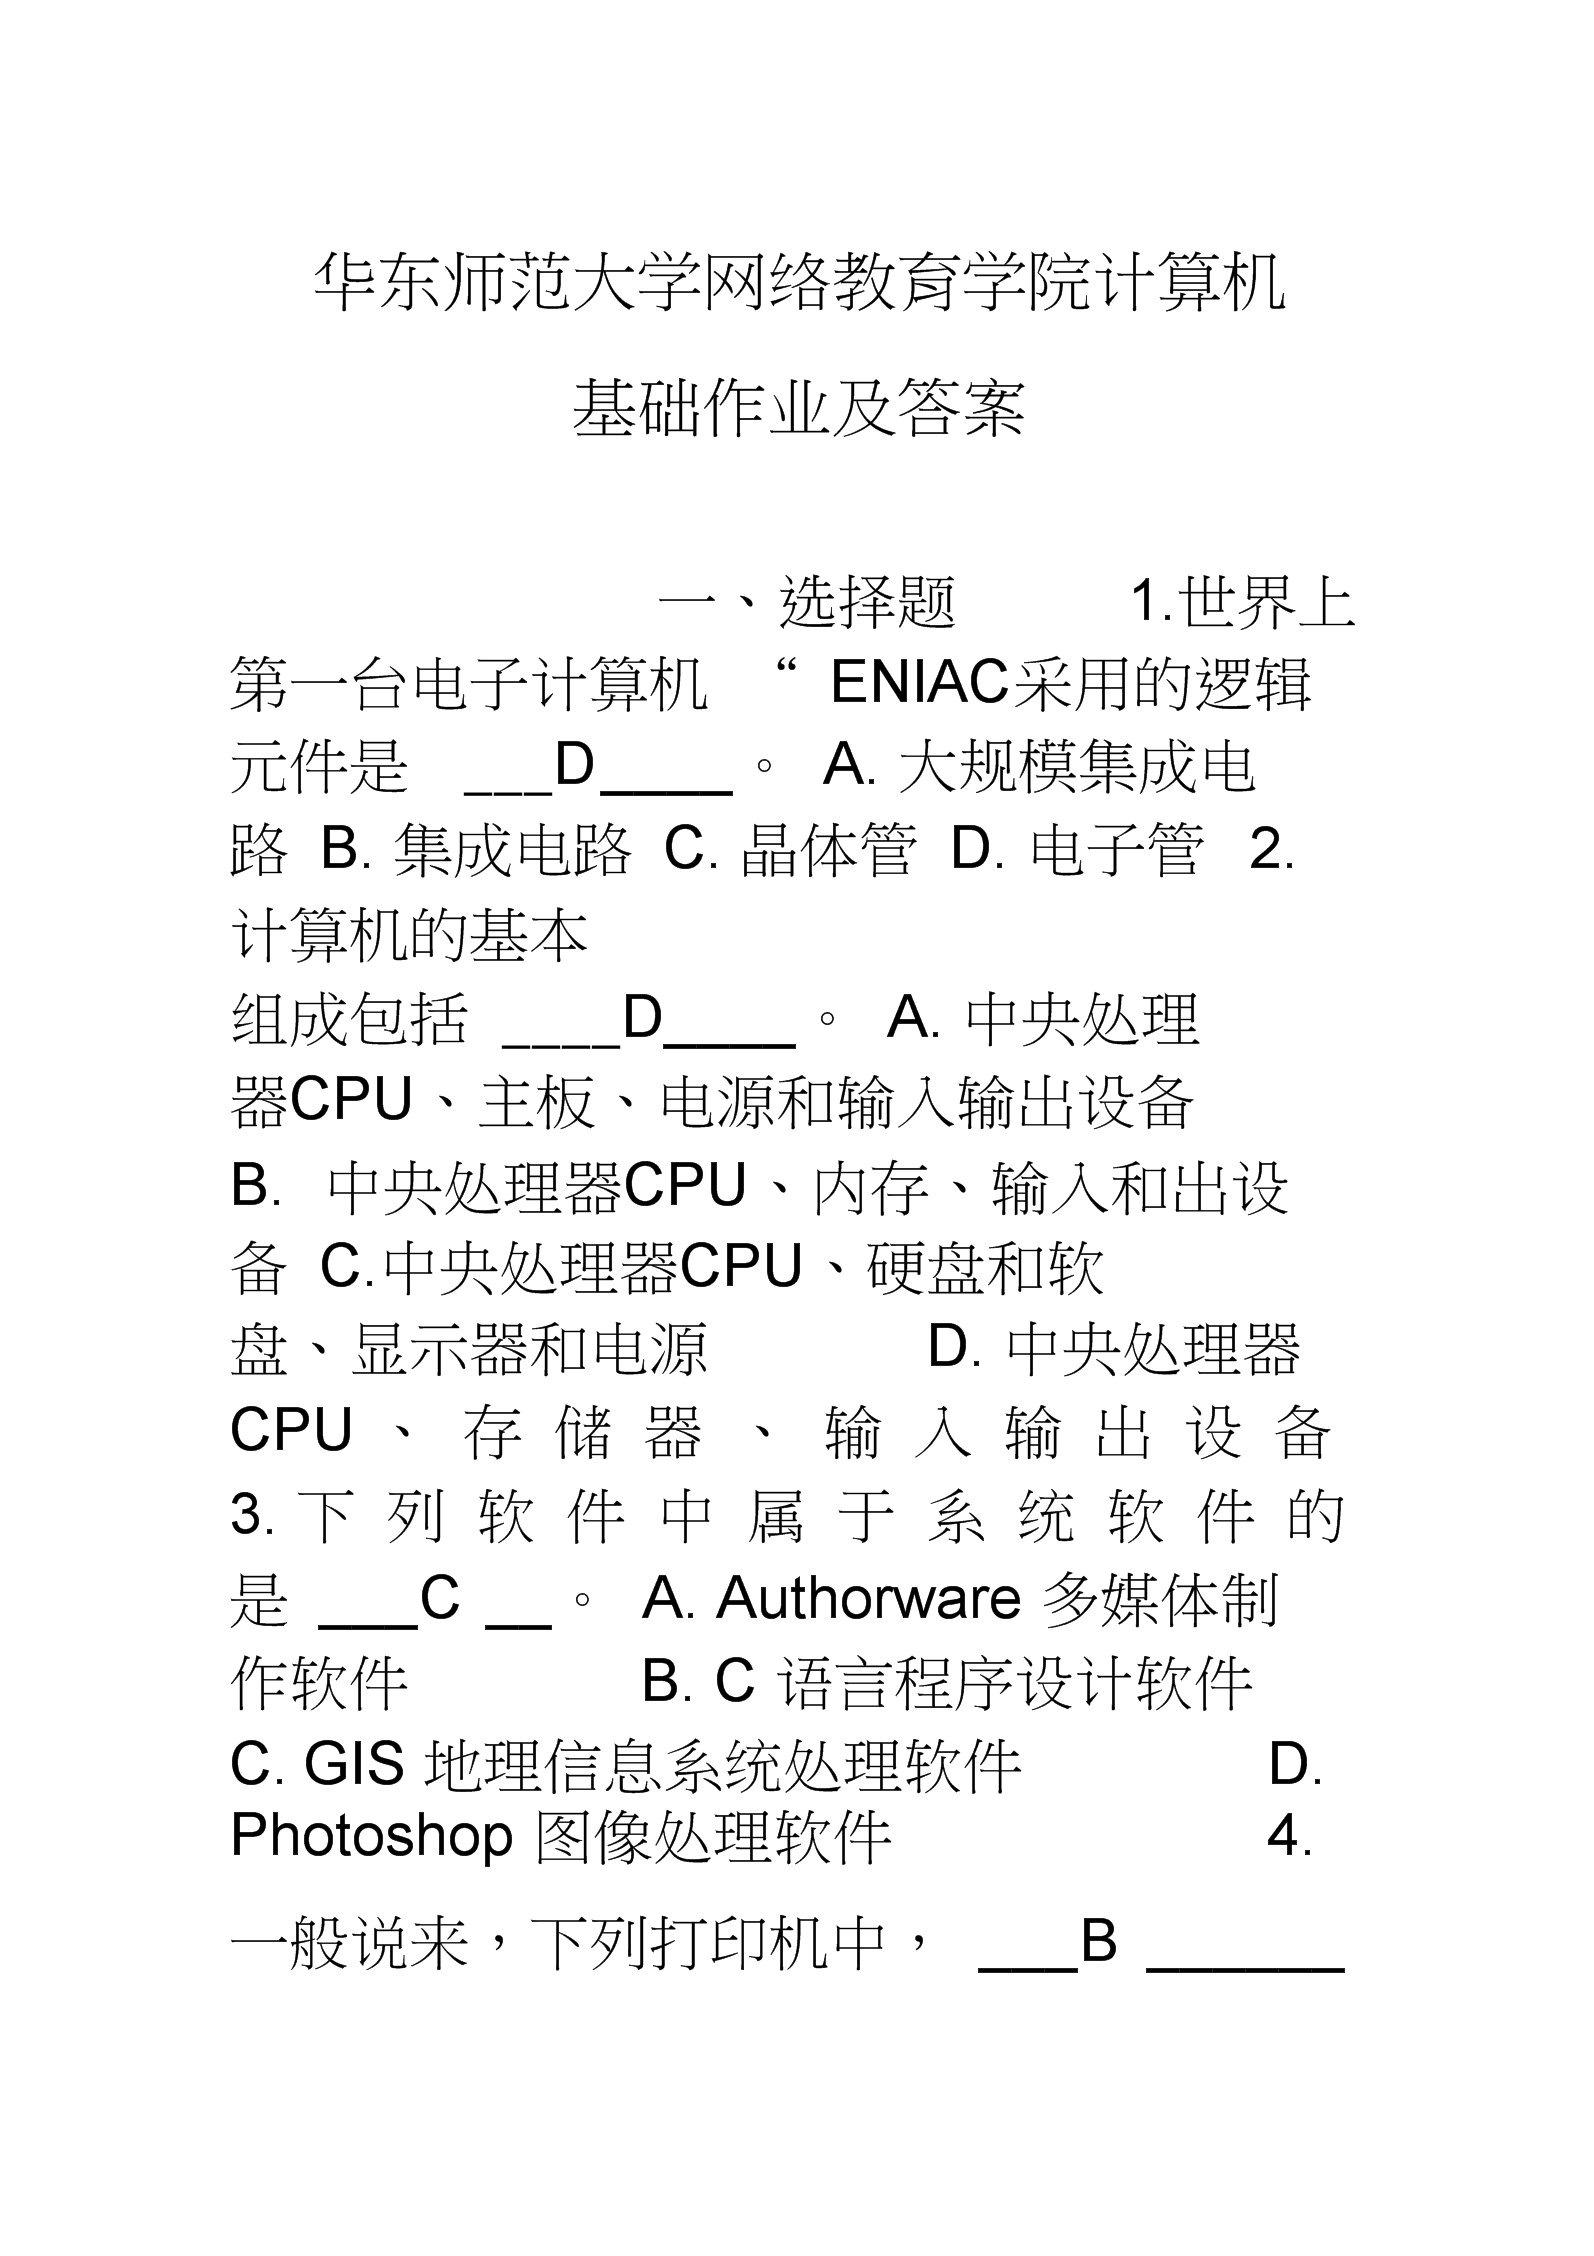 华东师范大学网络教育学院计算机基础作业及答案.docx